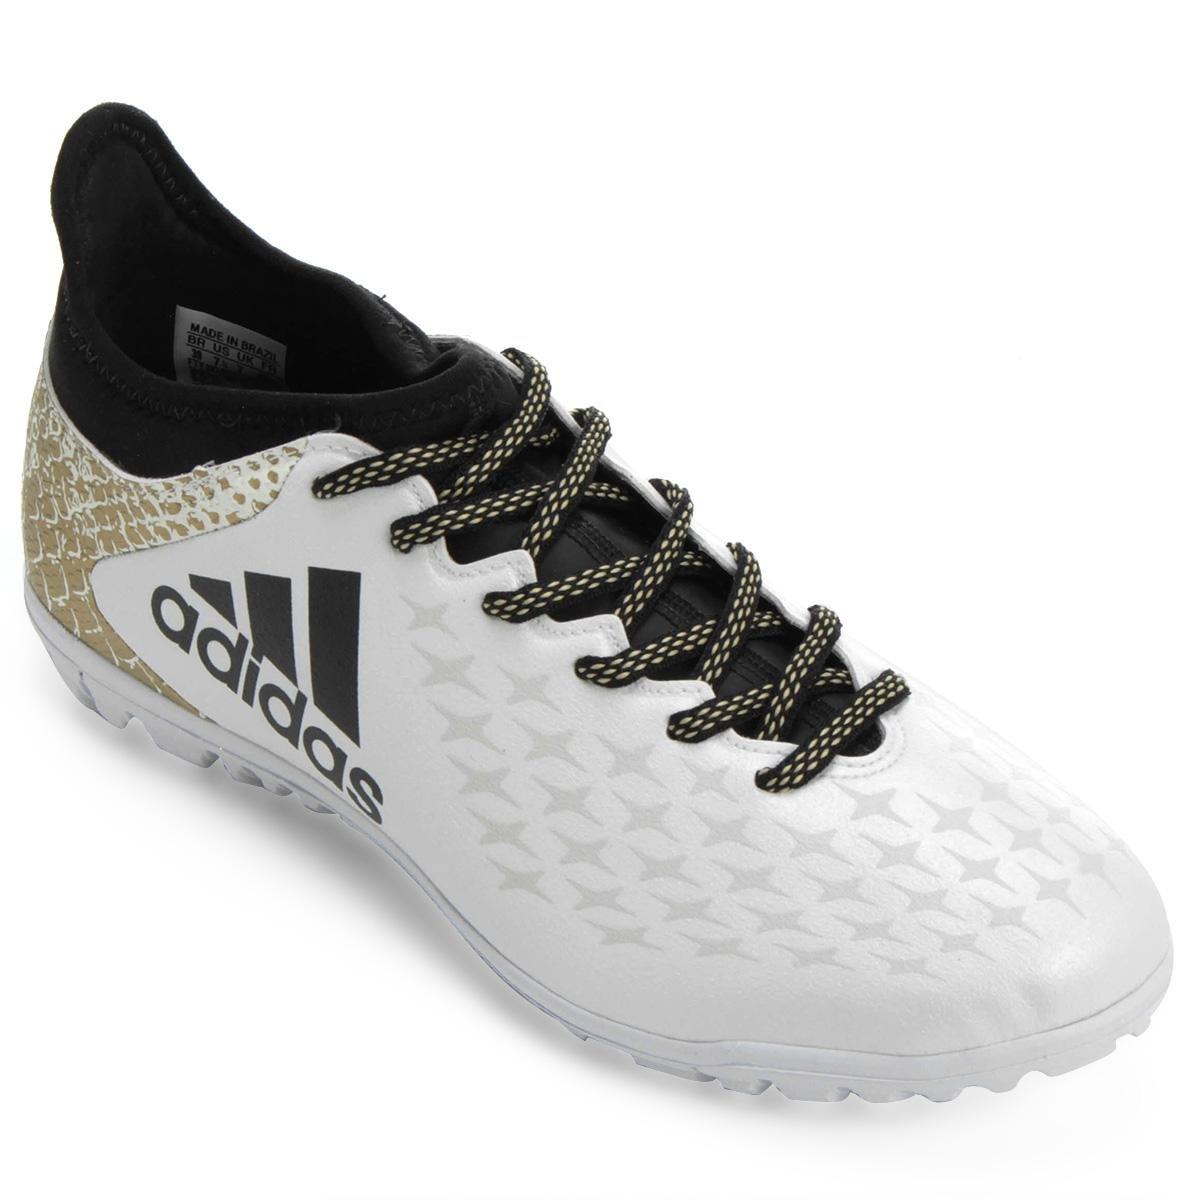 149360d157774 Chuteira Society Adidas X 16 3 TF Masculina - Compre Agora